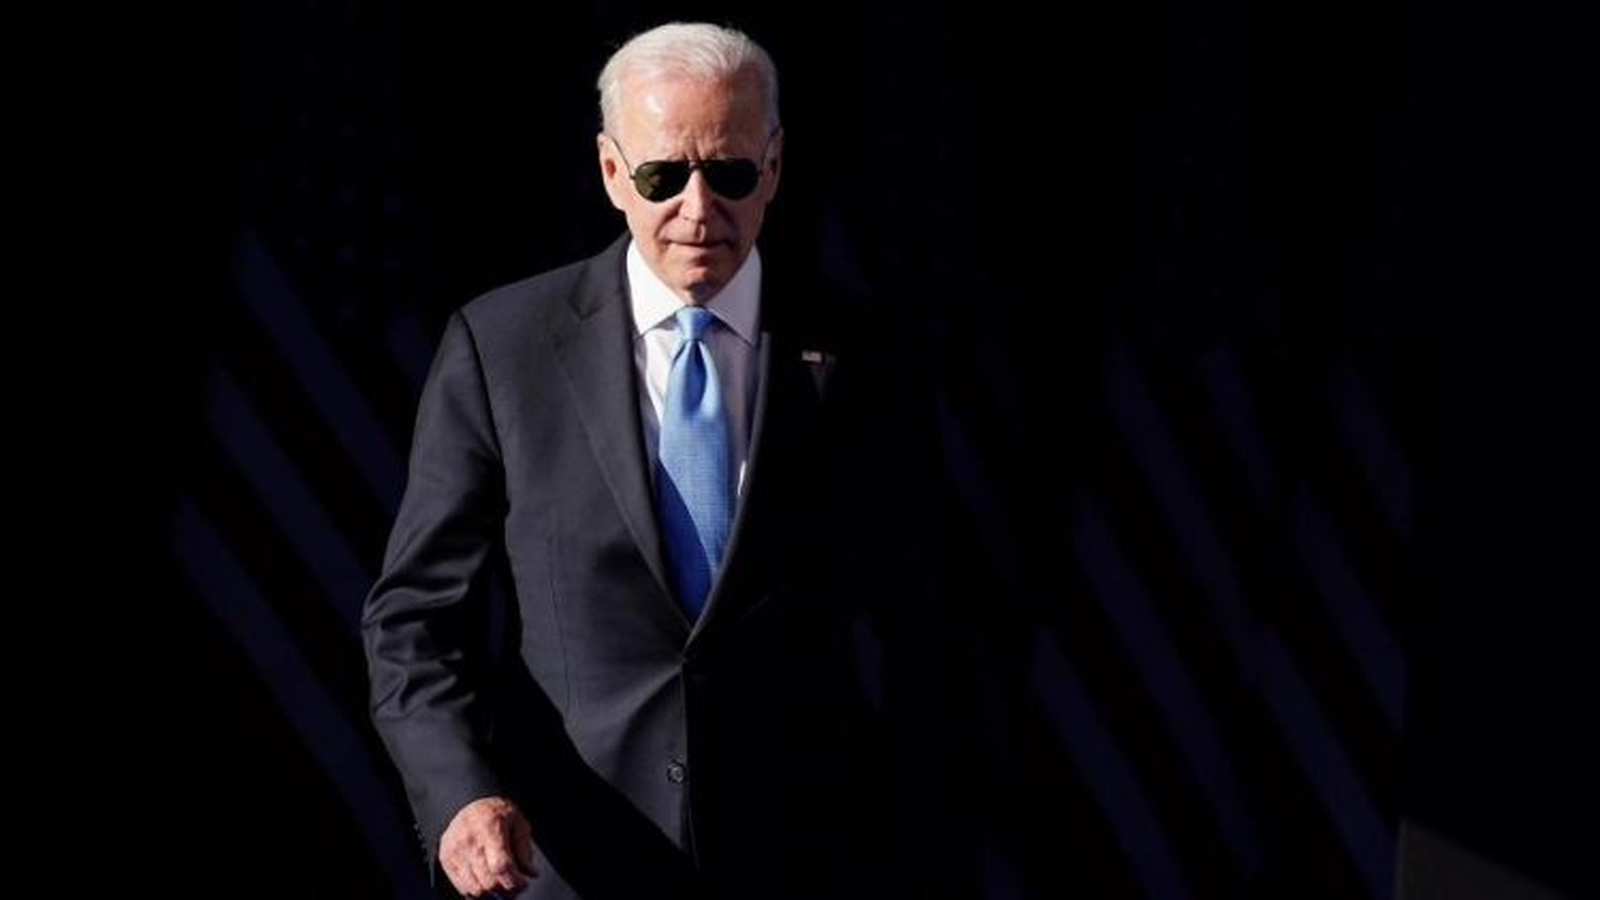 Bất ngờ về món quà ông Biden tặng ông Putin trong cuộc gặp thượng đỉnh đầu tiên